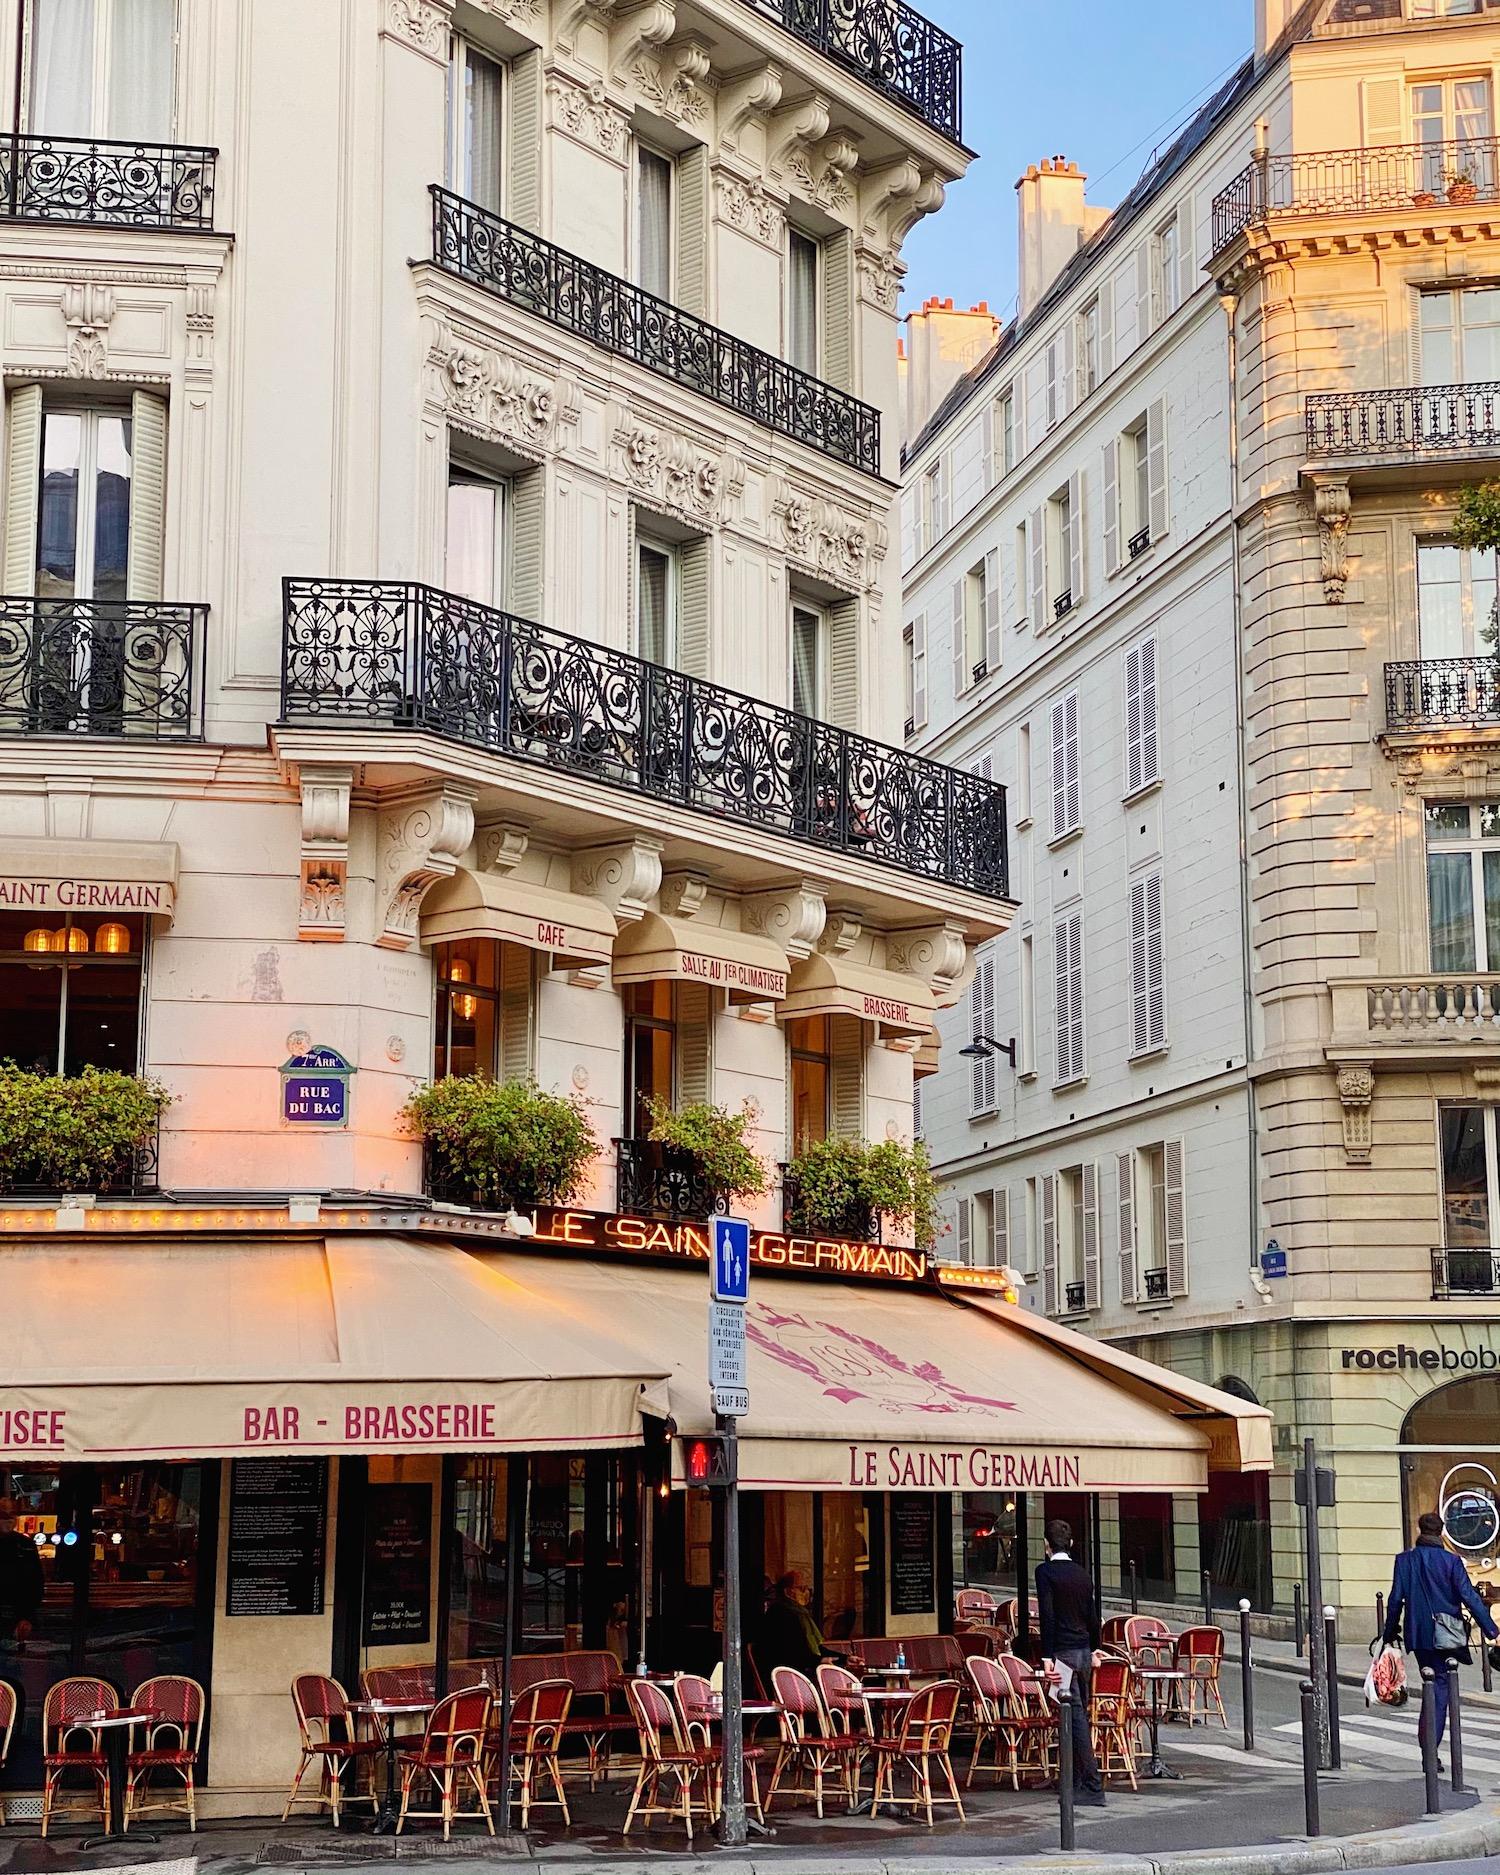 Le Saint Germain + the best margarita in Paris from le voltaire's cocktail menu + la grande épicerie's pumpkin pie recipe